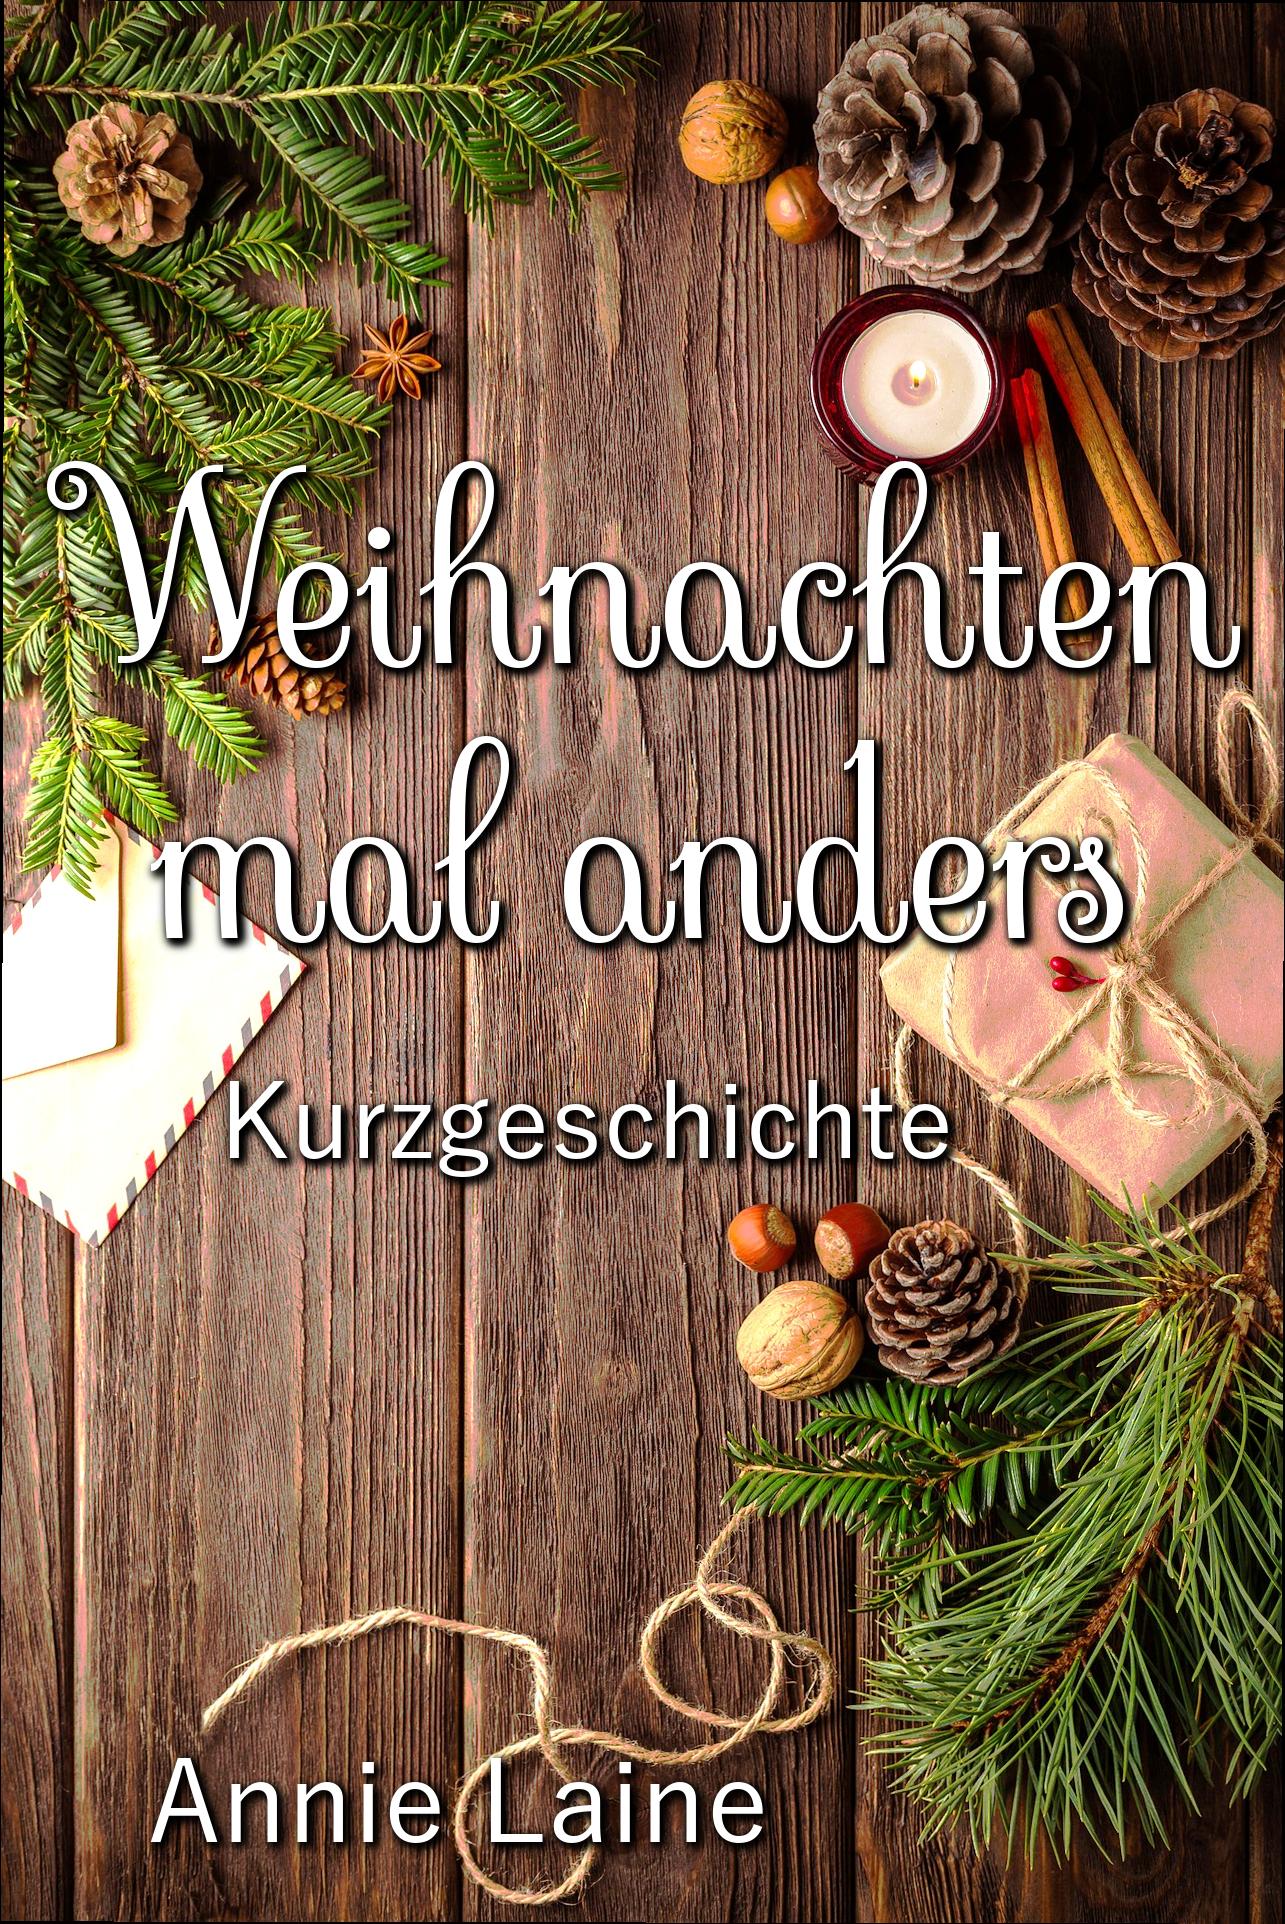 Weihnachten mal anders - Teil 2 - the-anna-diaries.de